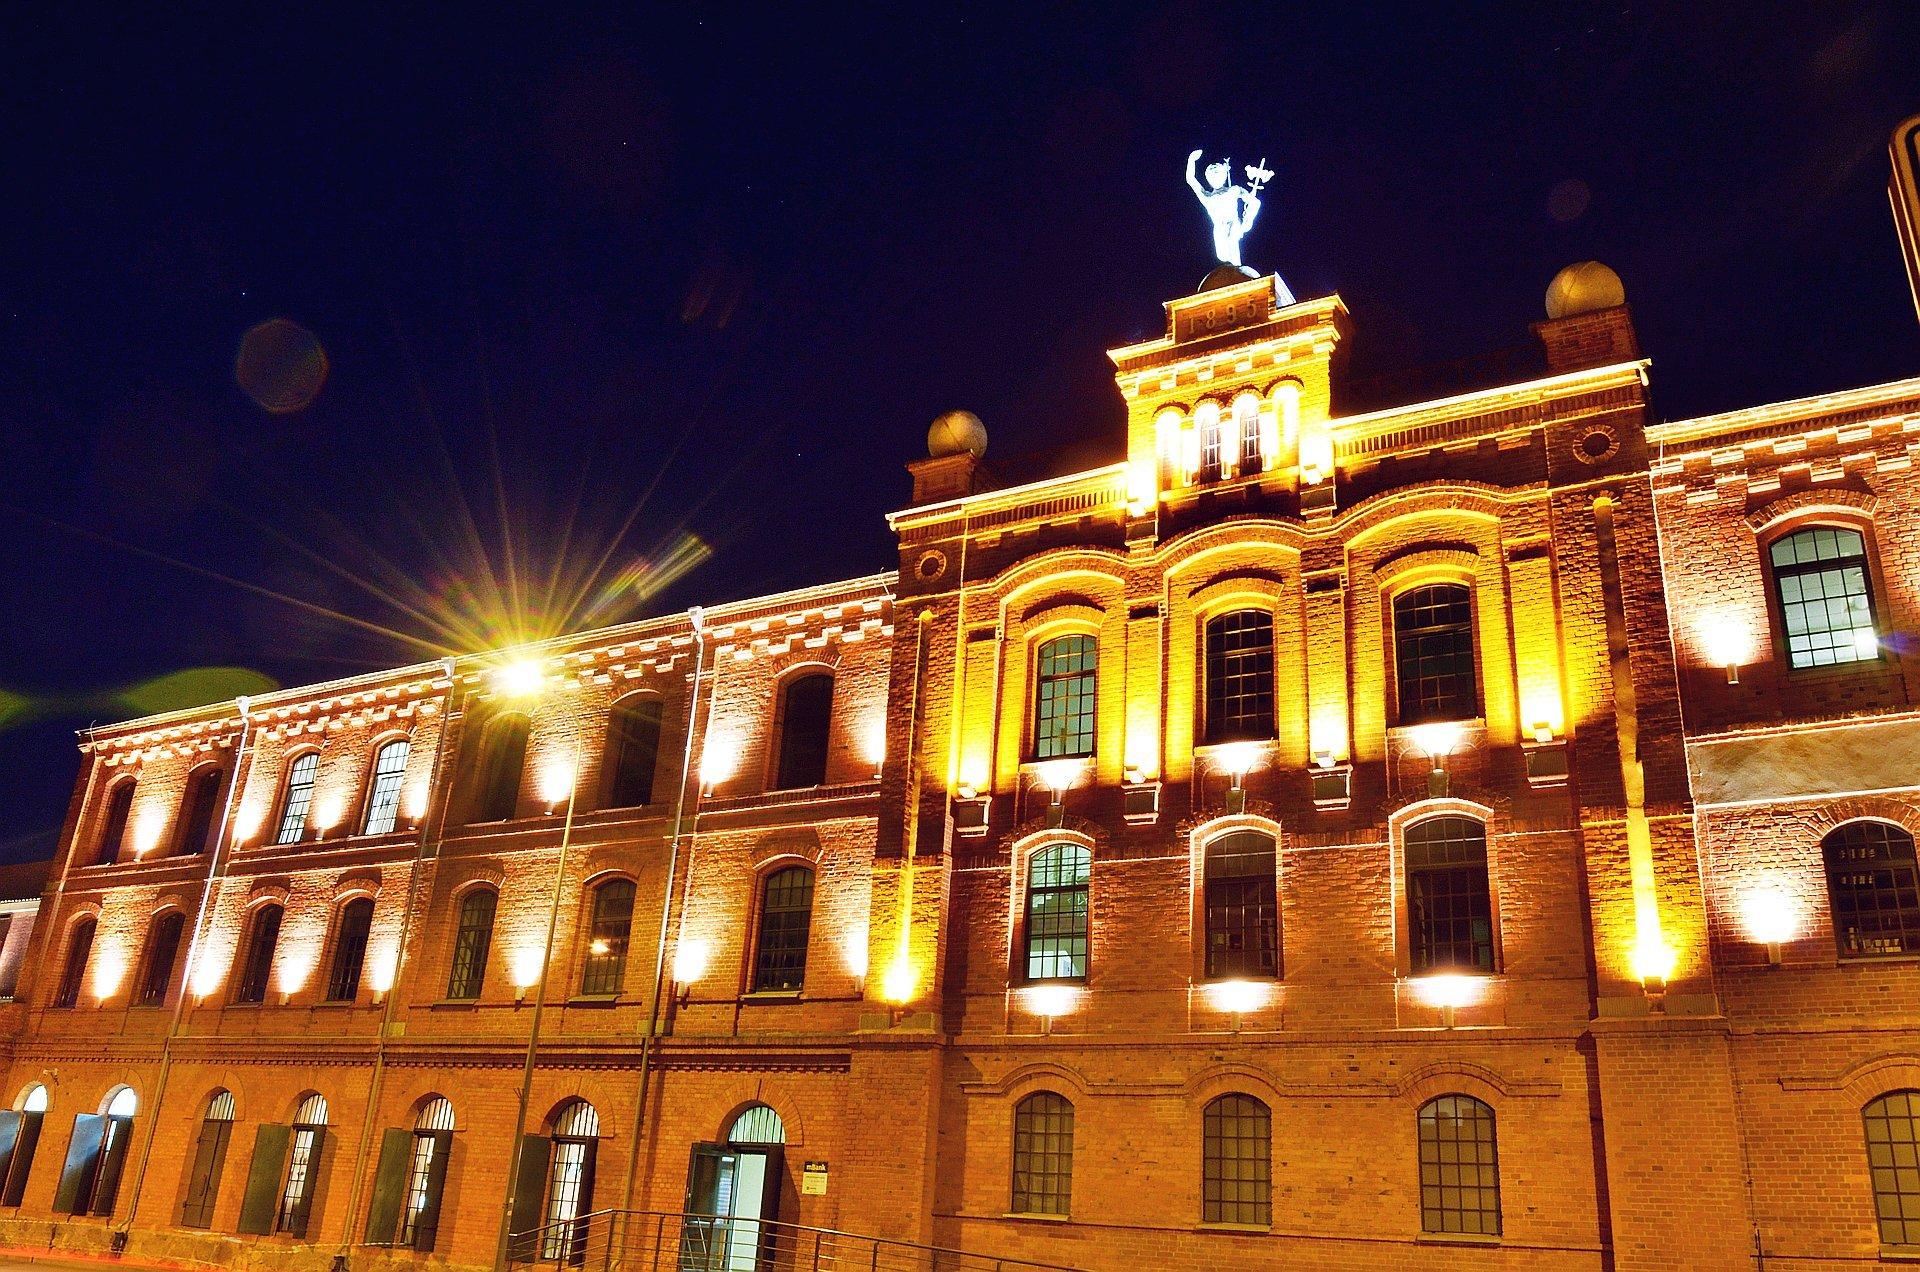 Białystok centrum noc nocą Galeria Alfa Świętojańskafree photo darmowe zdjęcie